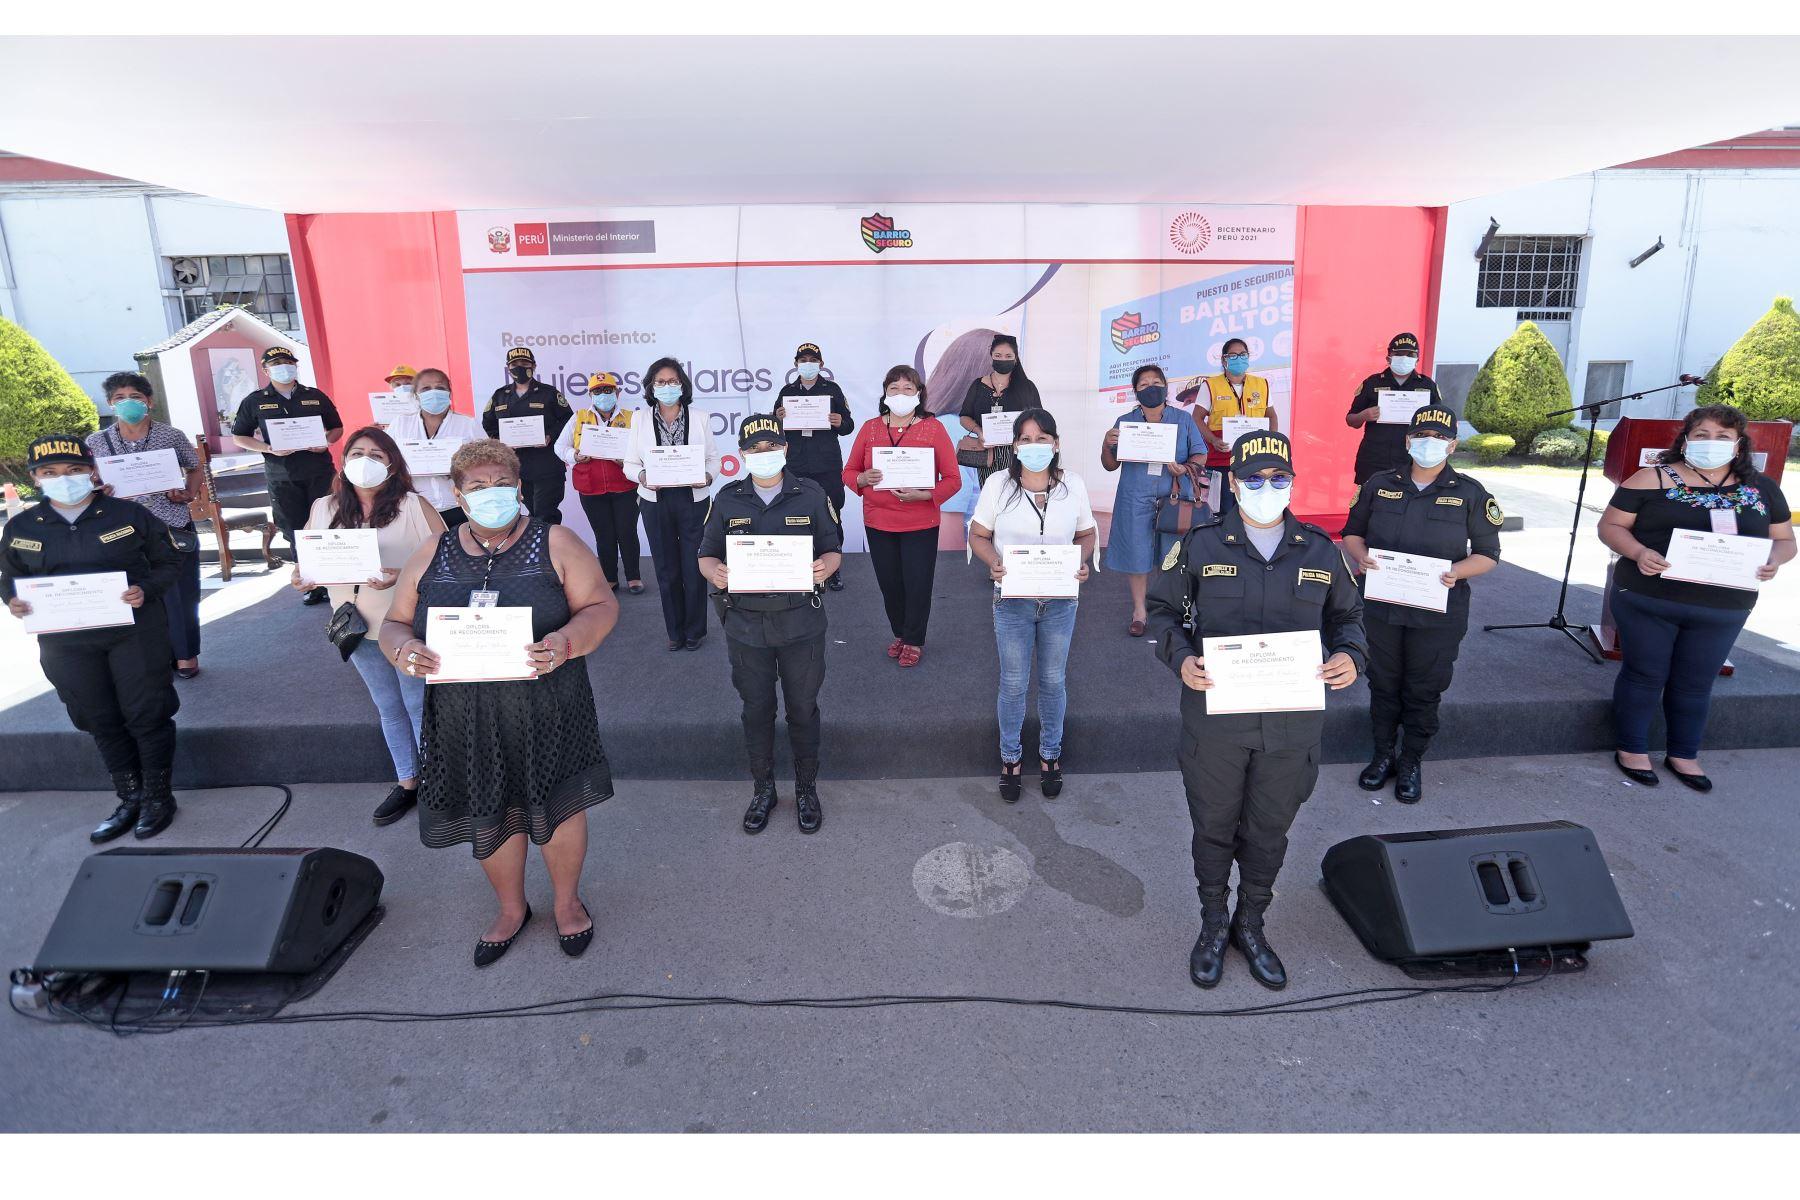 El Presidente Francisco Sagasti junto con el titular del Ministerio del Interior José Elice, encabezaron  la ceremonia de reconocimiento a las lideresas locales de las juntas vecinales de seguridad ciudadana y a mujeres policías comunitarias. Foto: ANDINA/ Prensa Presidencia